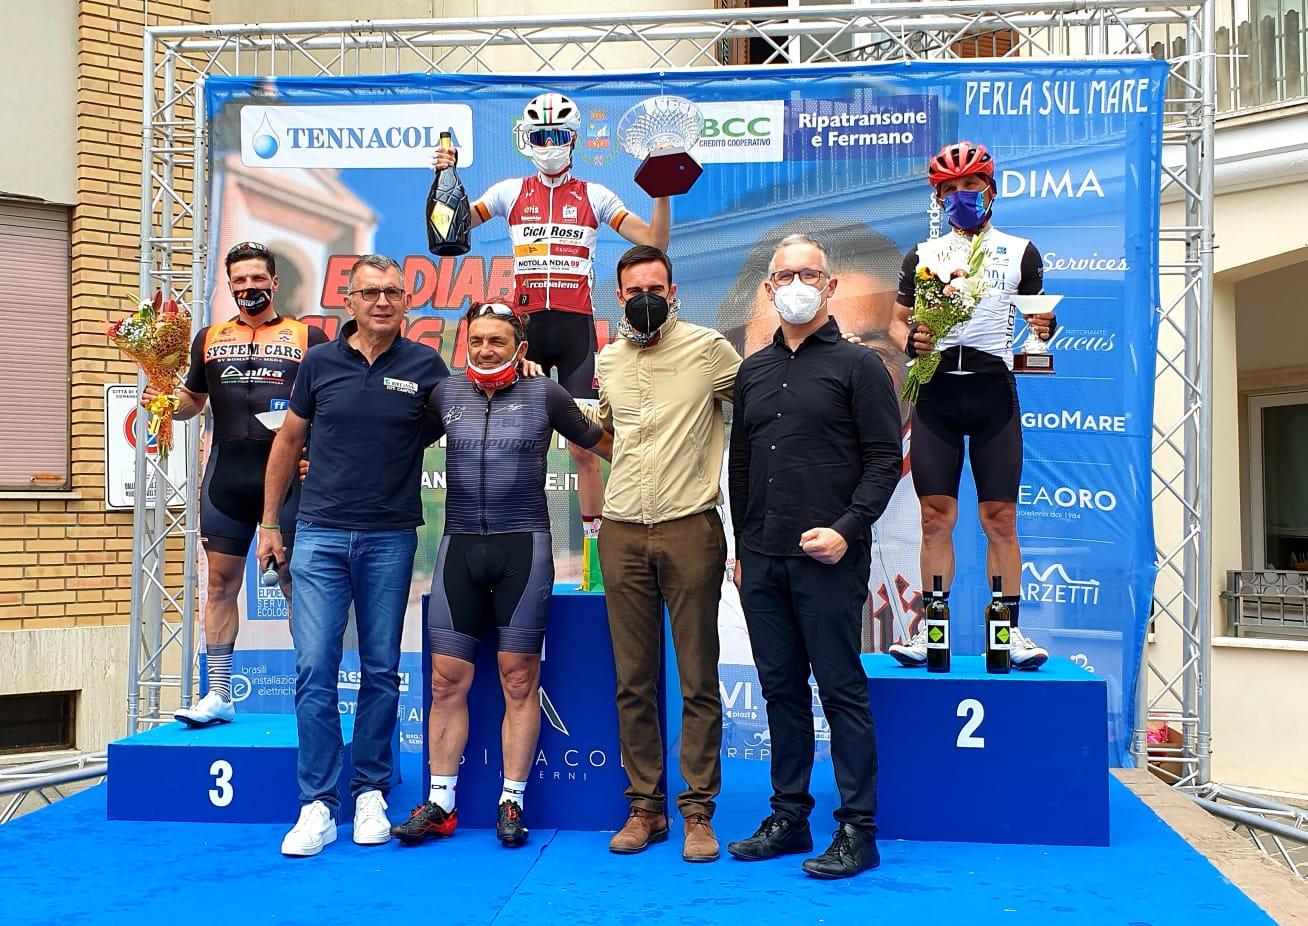 Gran Fondo Tre Santuari del Fermano 2021 El Diablo Cycling Festival, podio maschile con presenza di Claudio Chiappucci